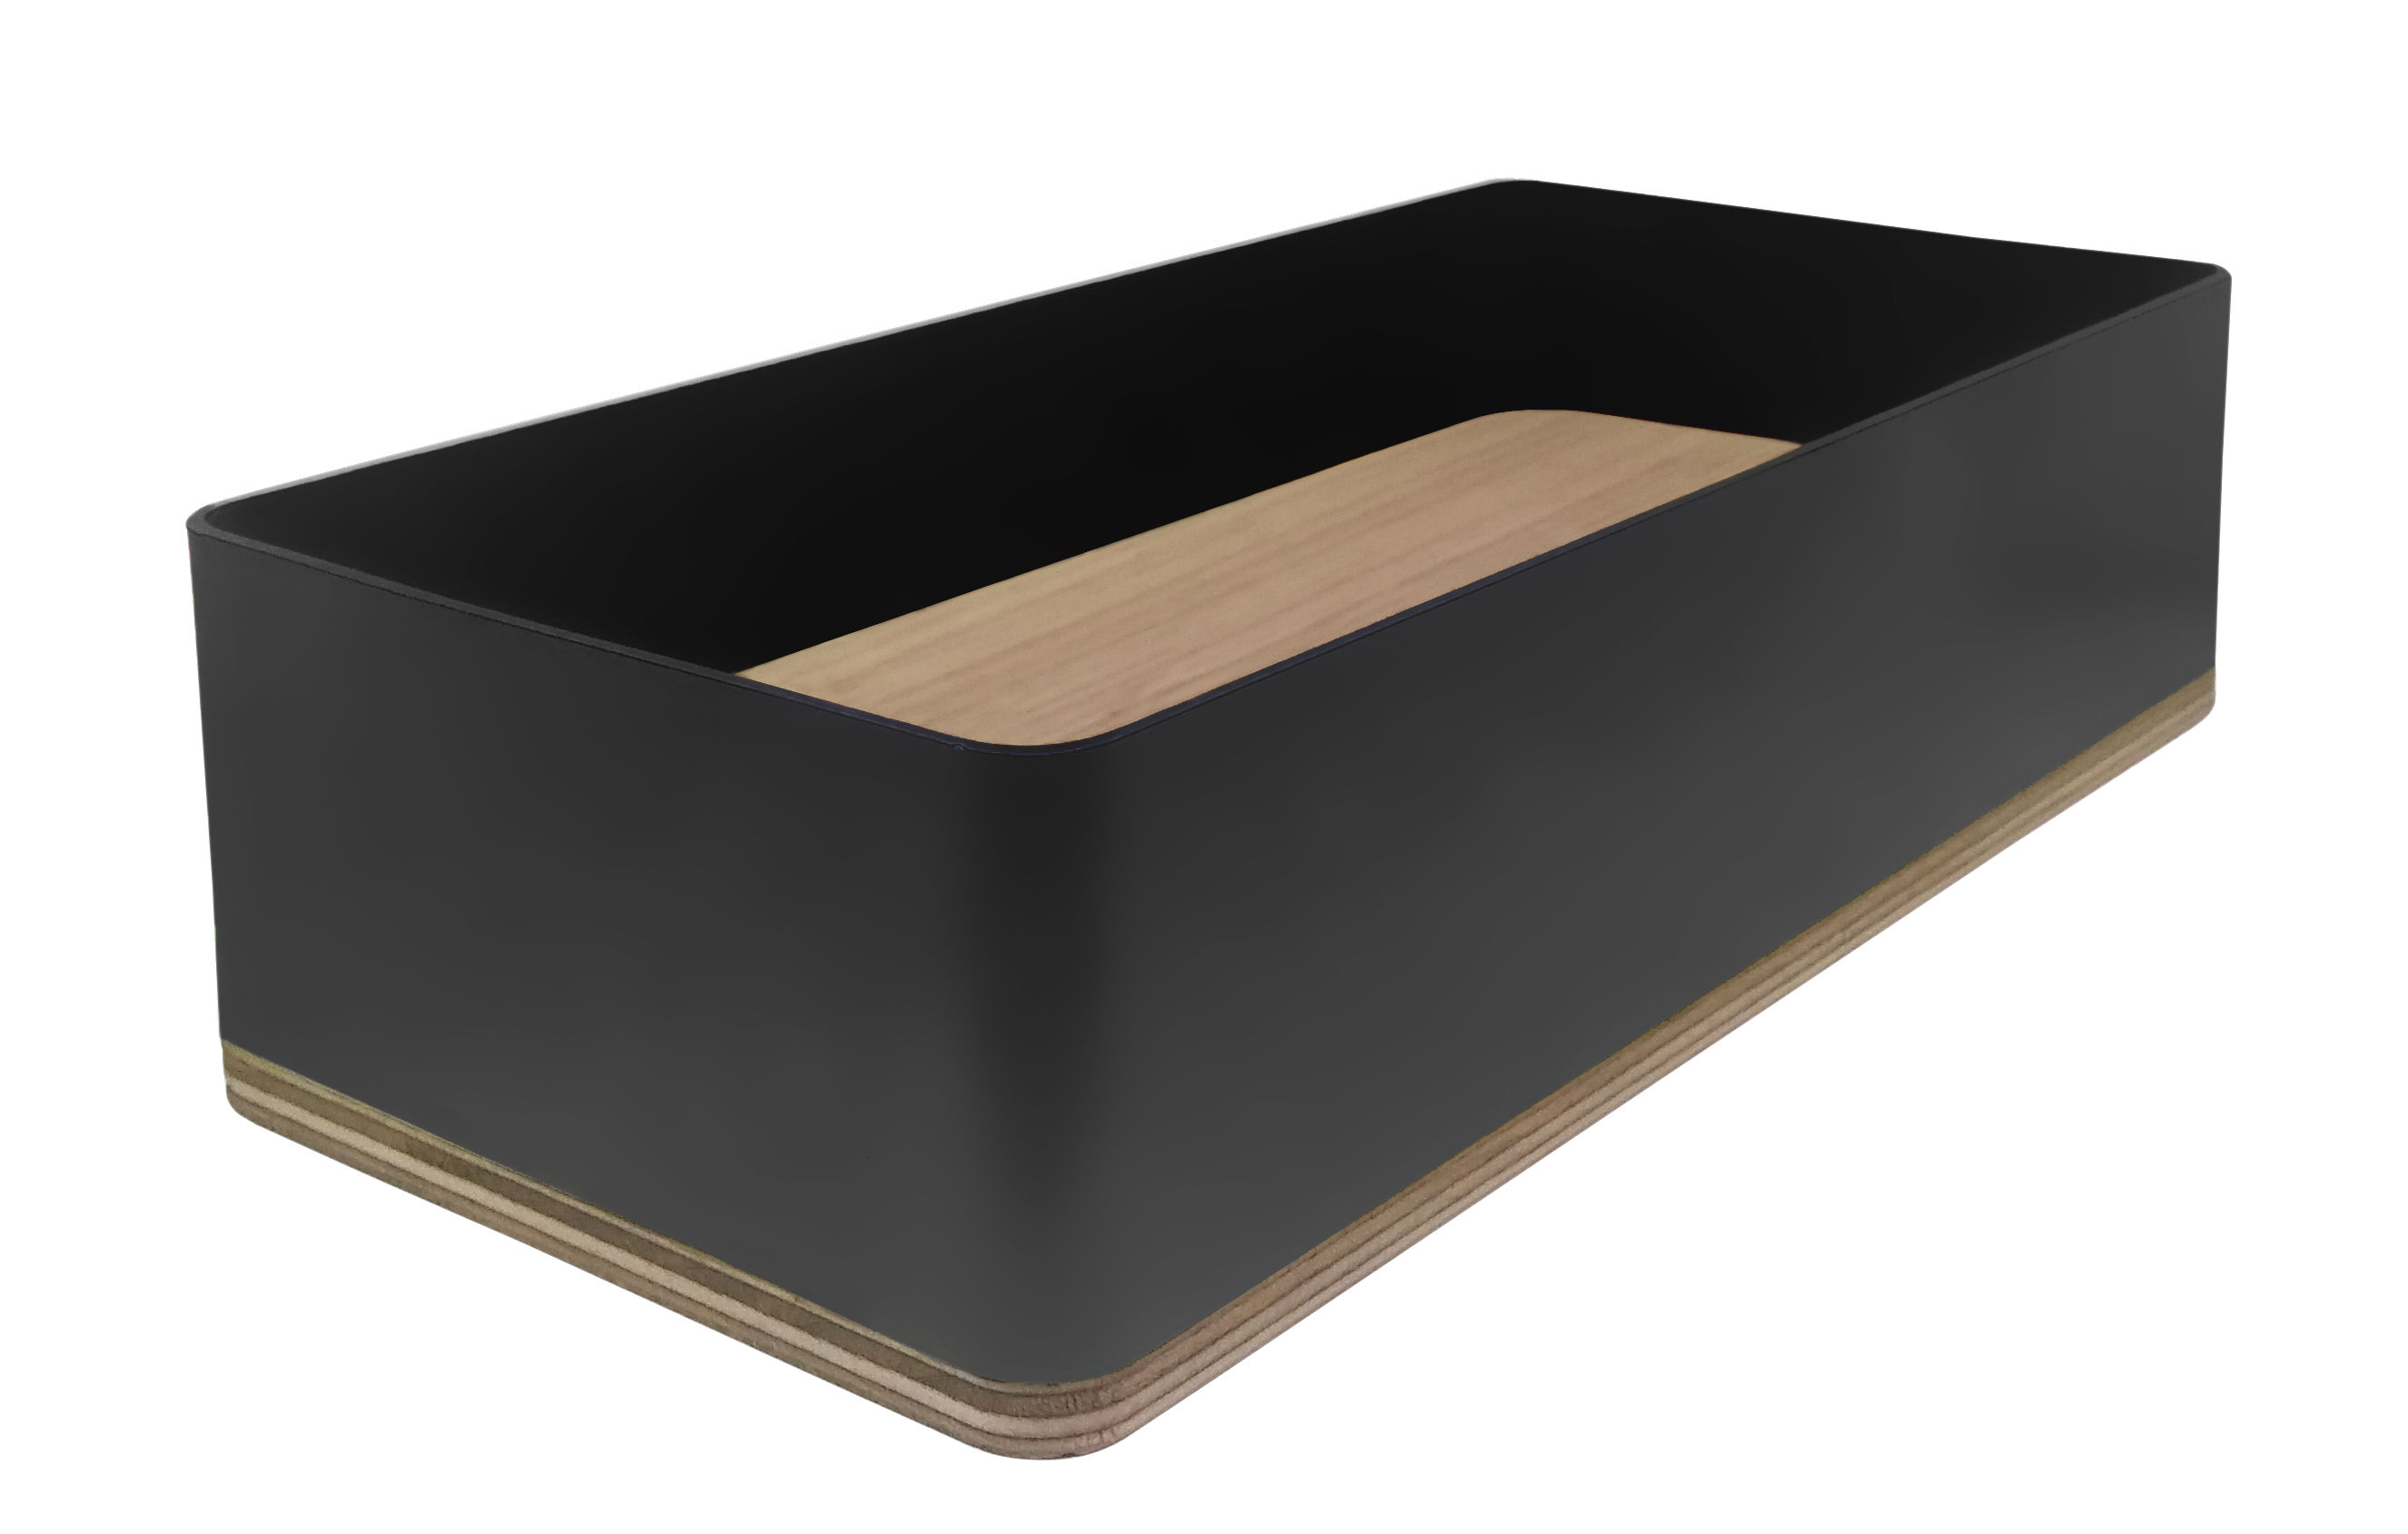 Accessoires - Accessoires für das Büro - Portable Atelier Stifthalter / Moleskine - niedrig - Driade - Schwarz - Birkenholzfurnier, lackierter Stahl